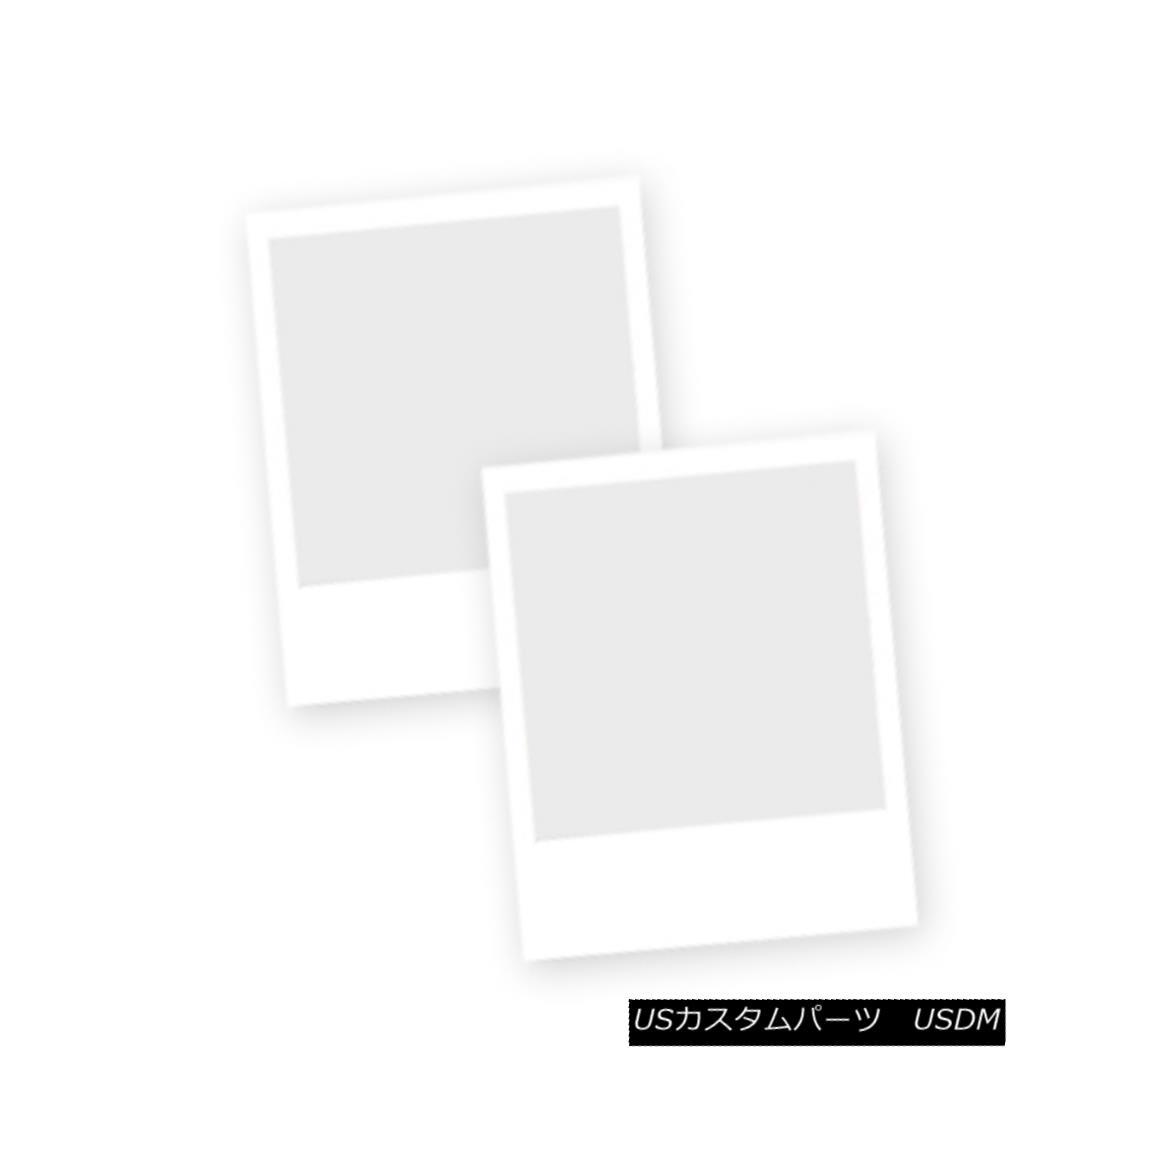 幌・ソフトトップ RAMPAGE 98815 Soft Top Oem Replacement RAMPAGE 98815ソフトトップドームの交換